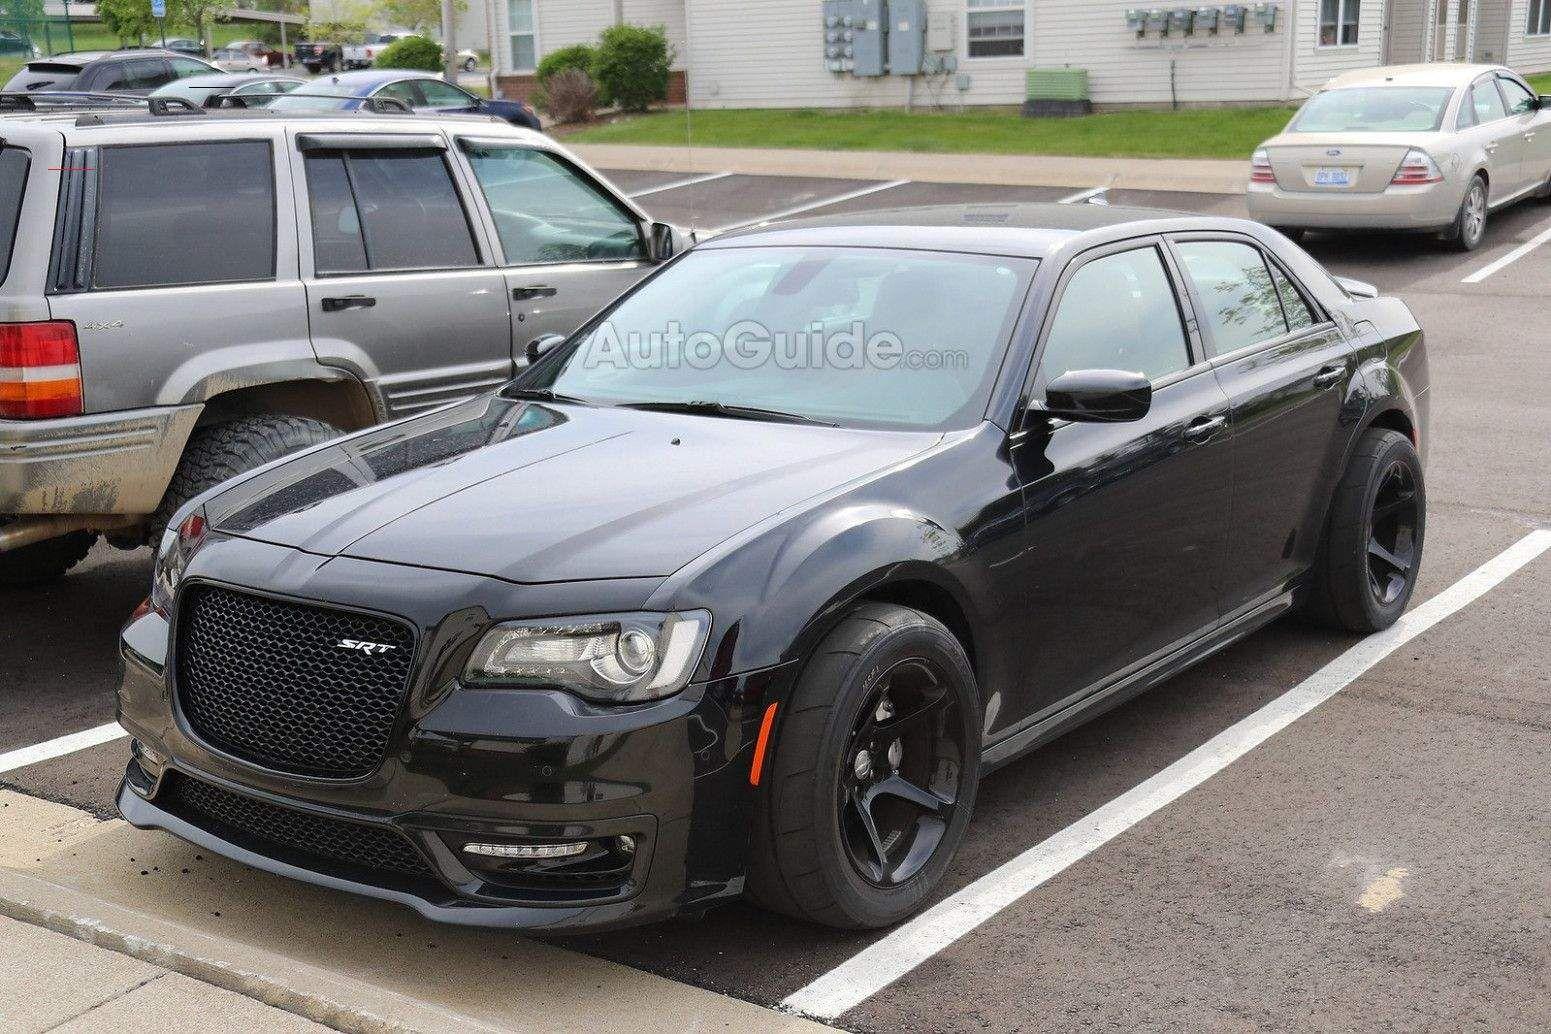 2021 Chrysler 300 Srt8 Style